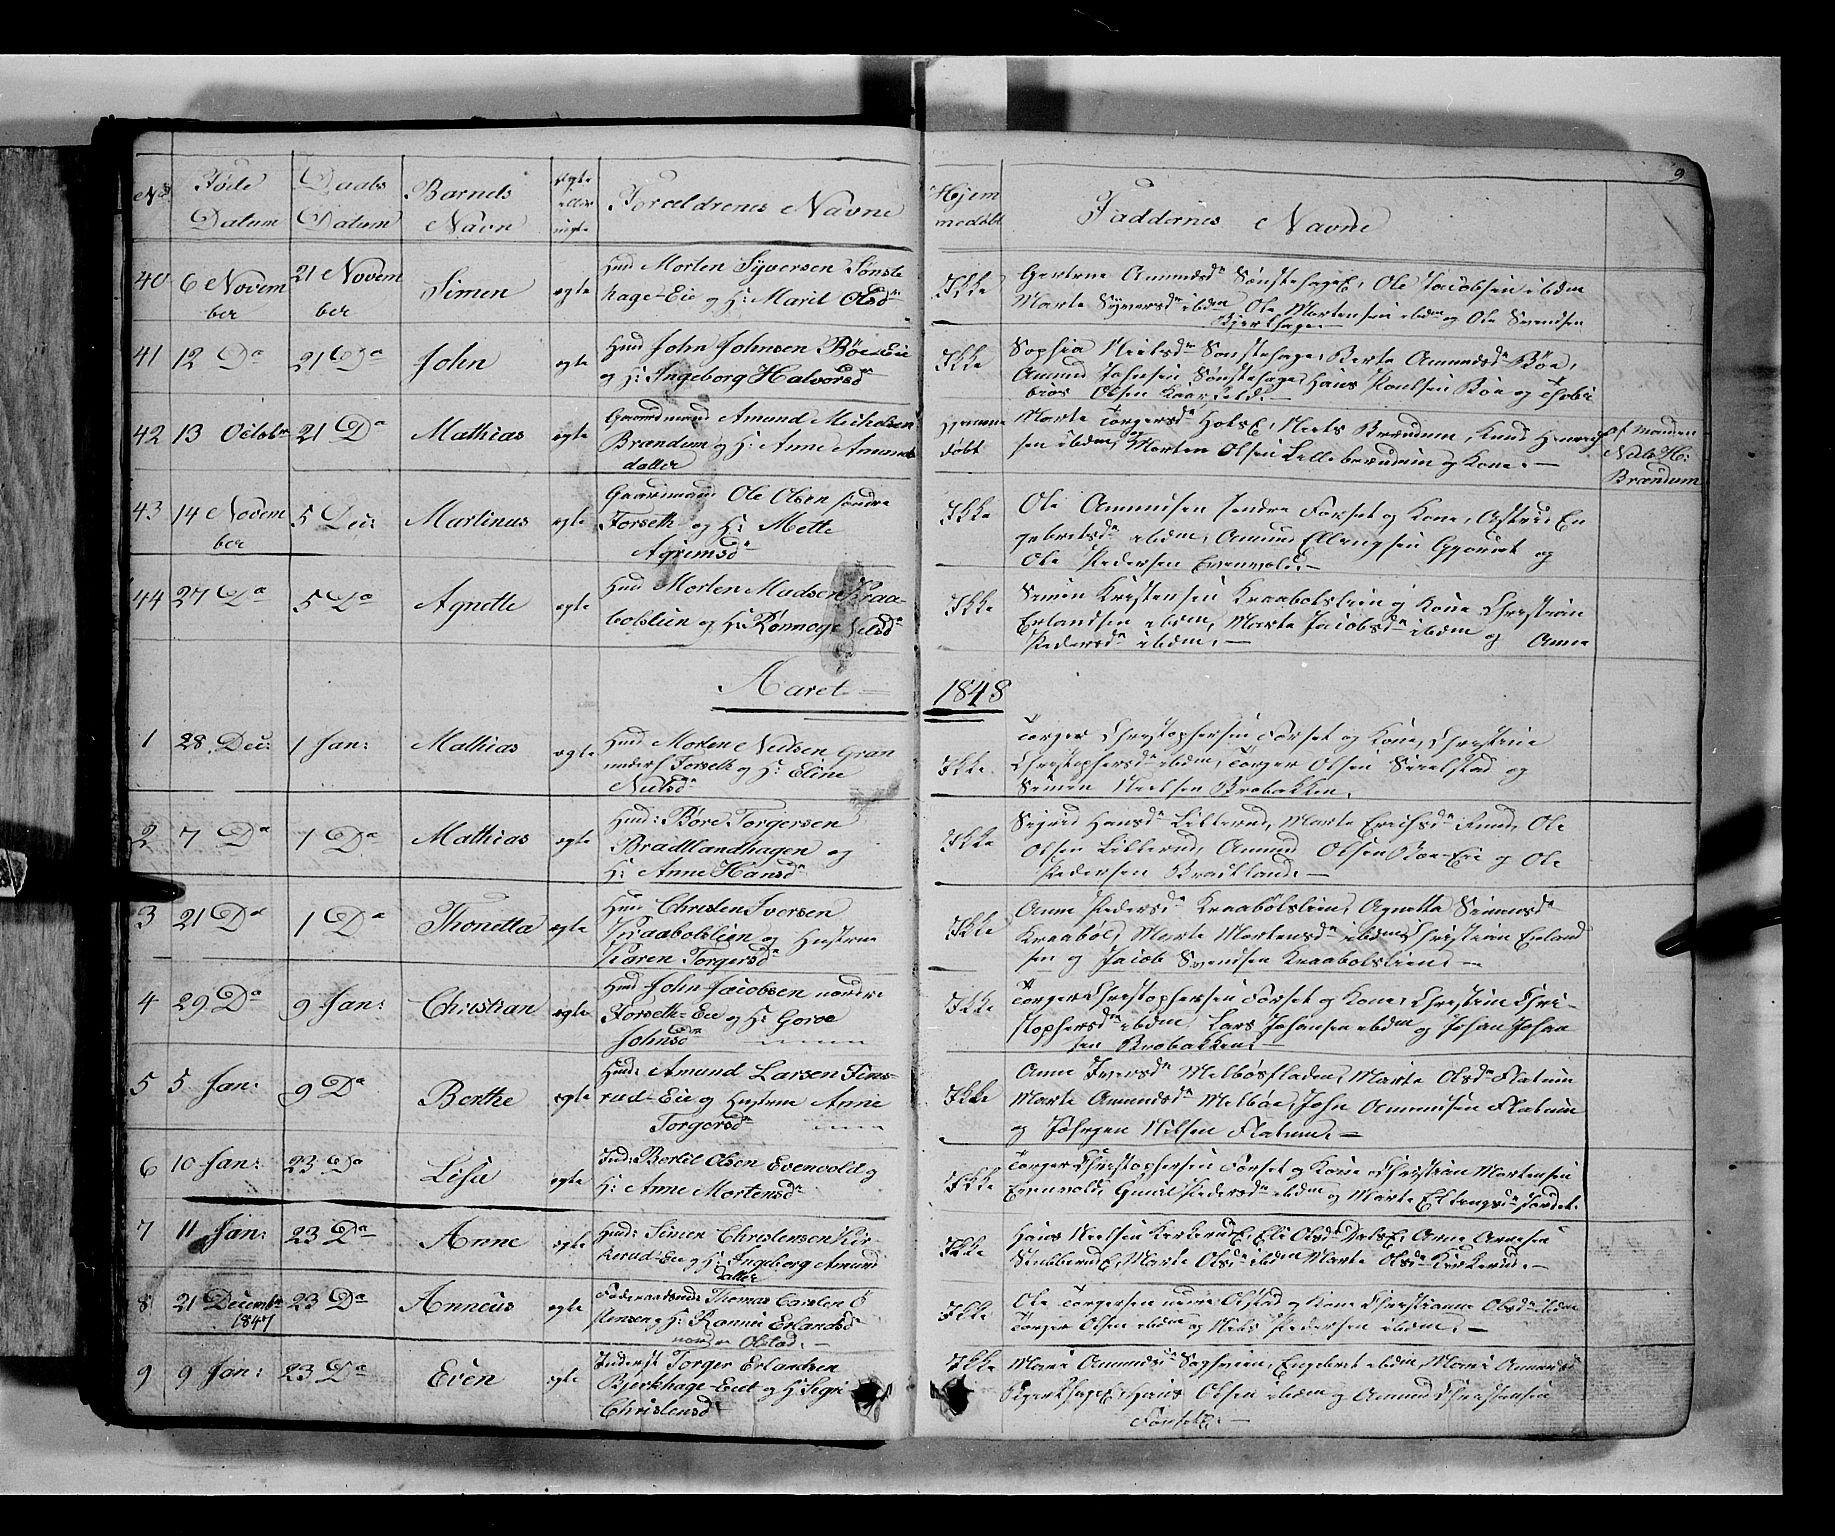 SAH, Gausdal prestekontor, Klokkerbok nr. 5, 1846-1867, s. 9